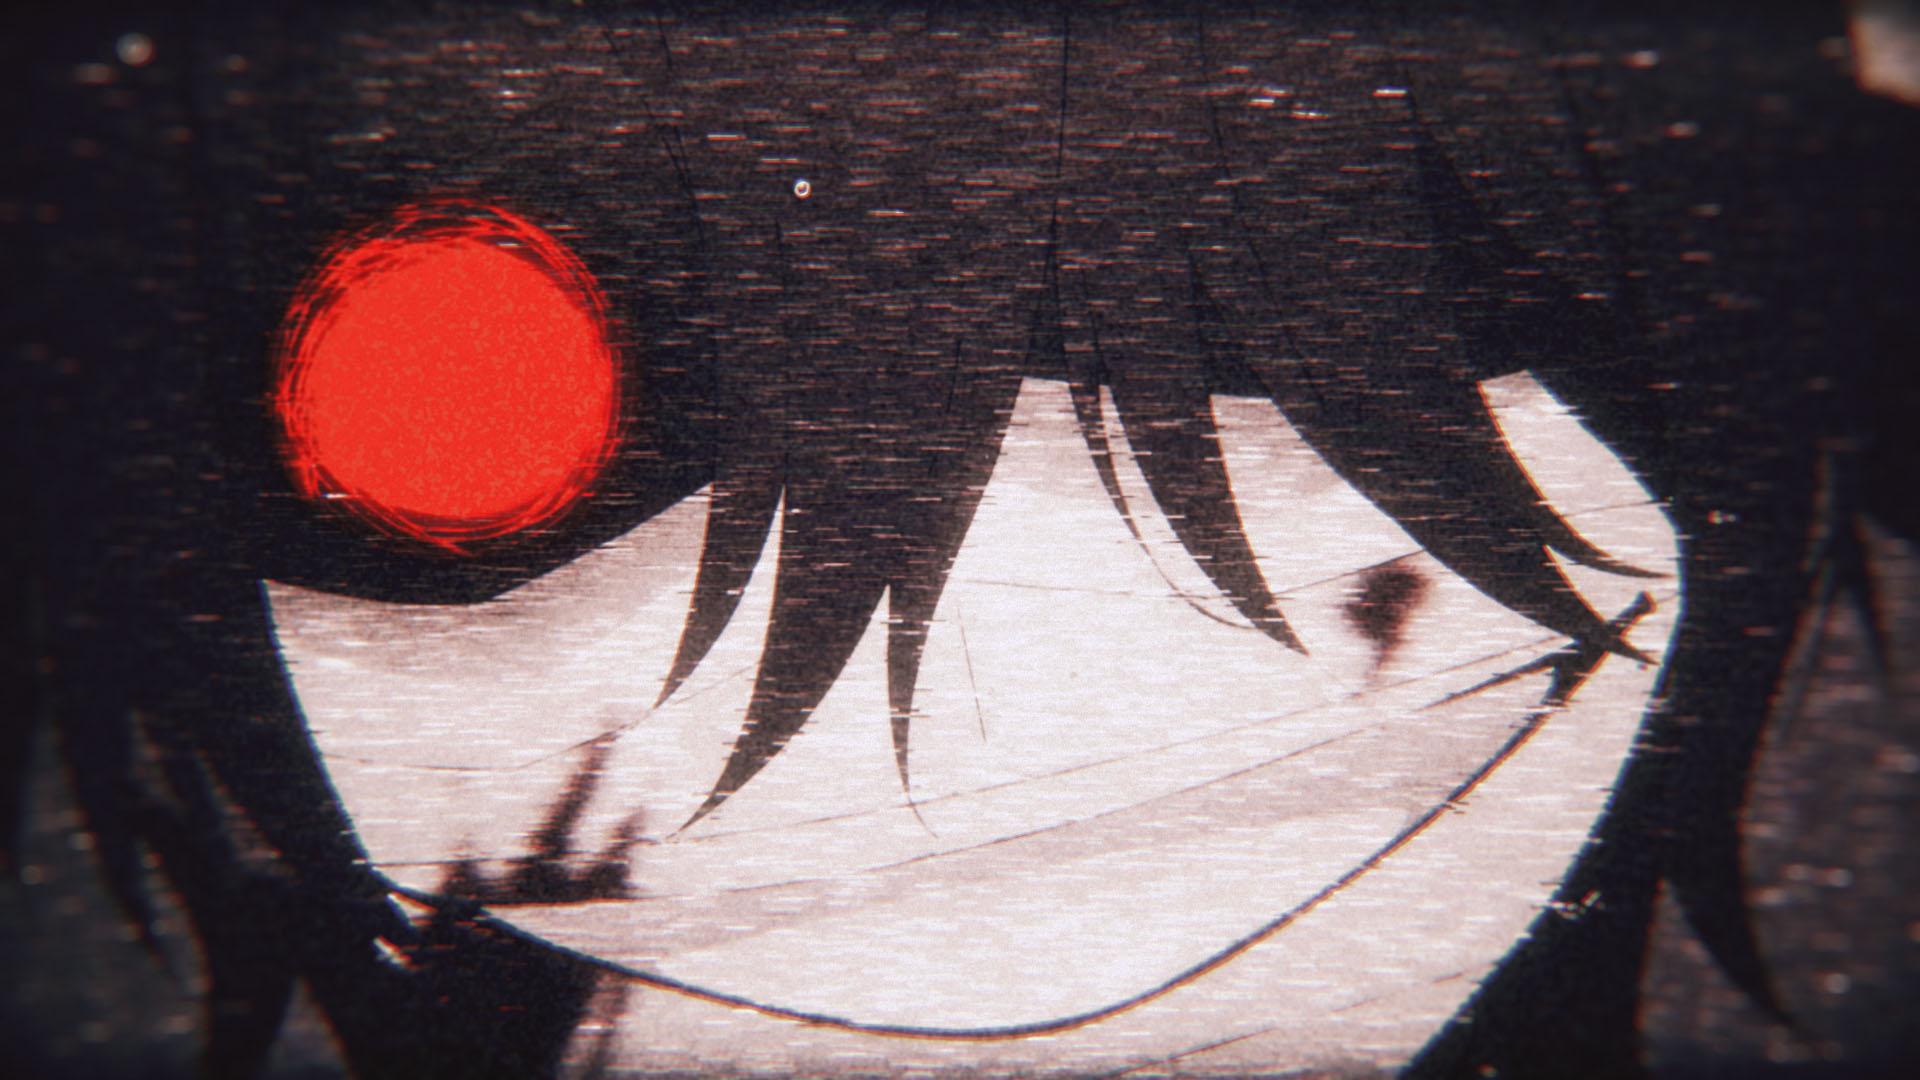 『殺戮の天使』の断罪人・「キャサリン・ワード」がバーチャルYouTuberデビュー! 声優はアニメ同様に伊瀬茉莉也さんが担当!-2